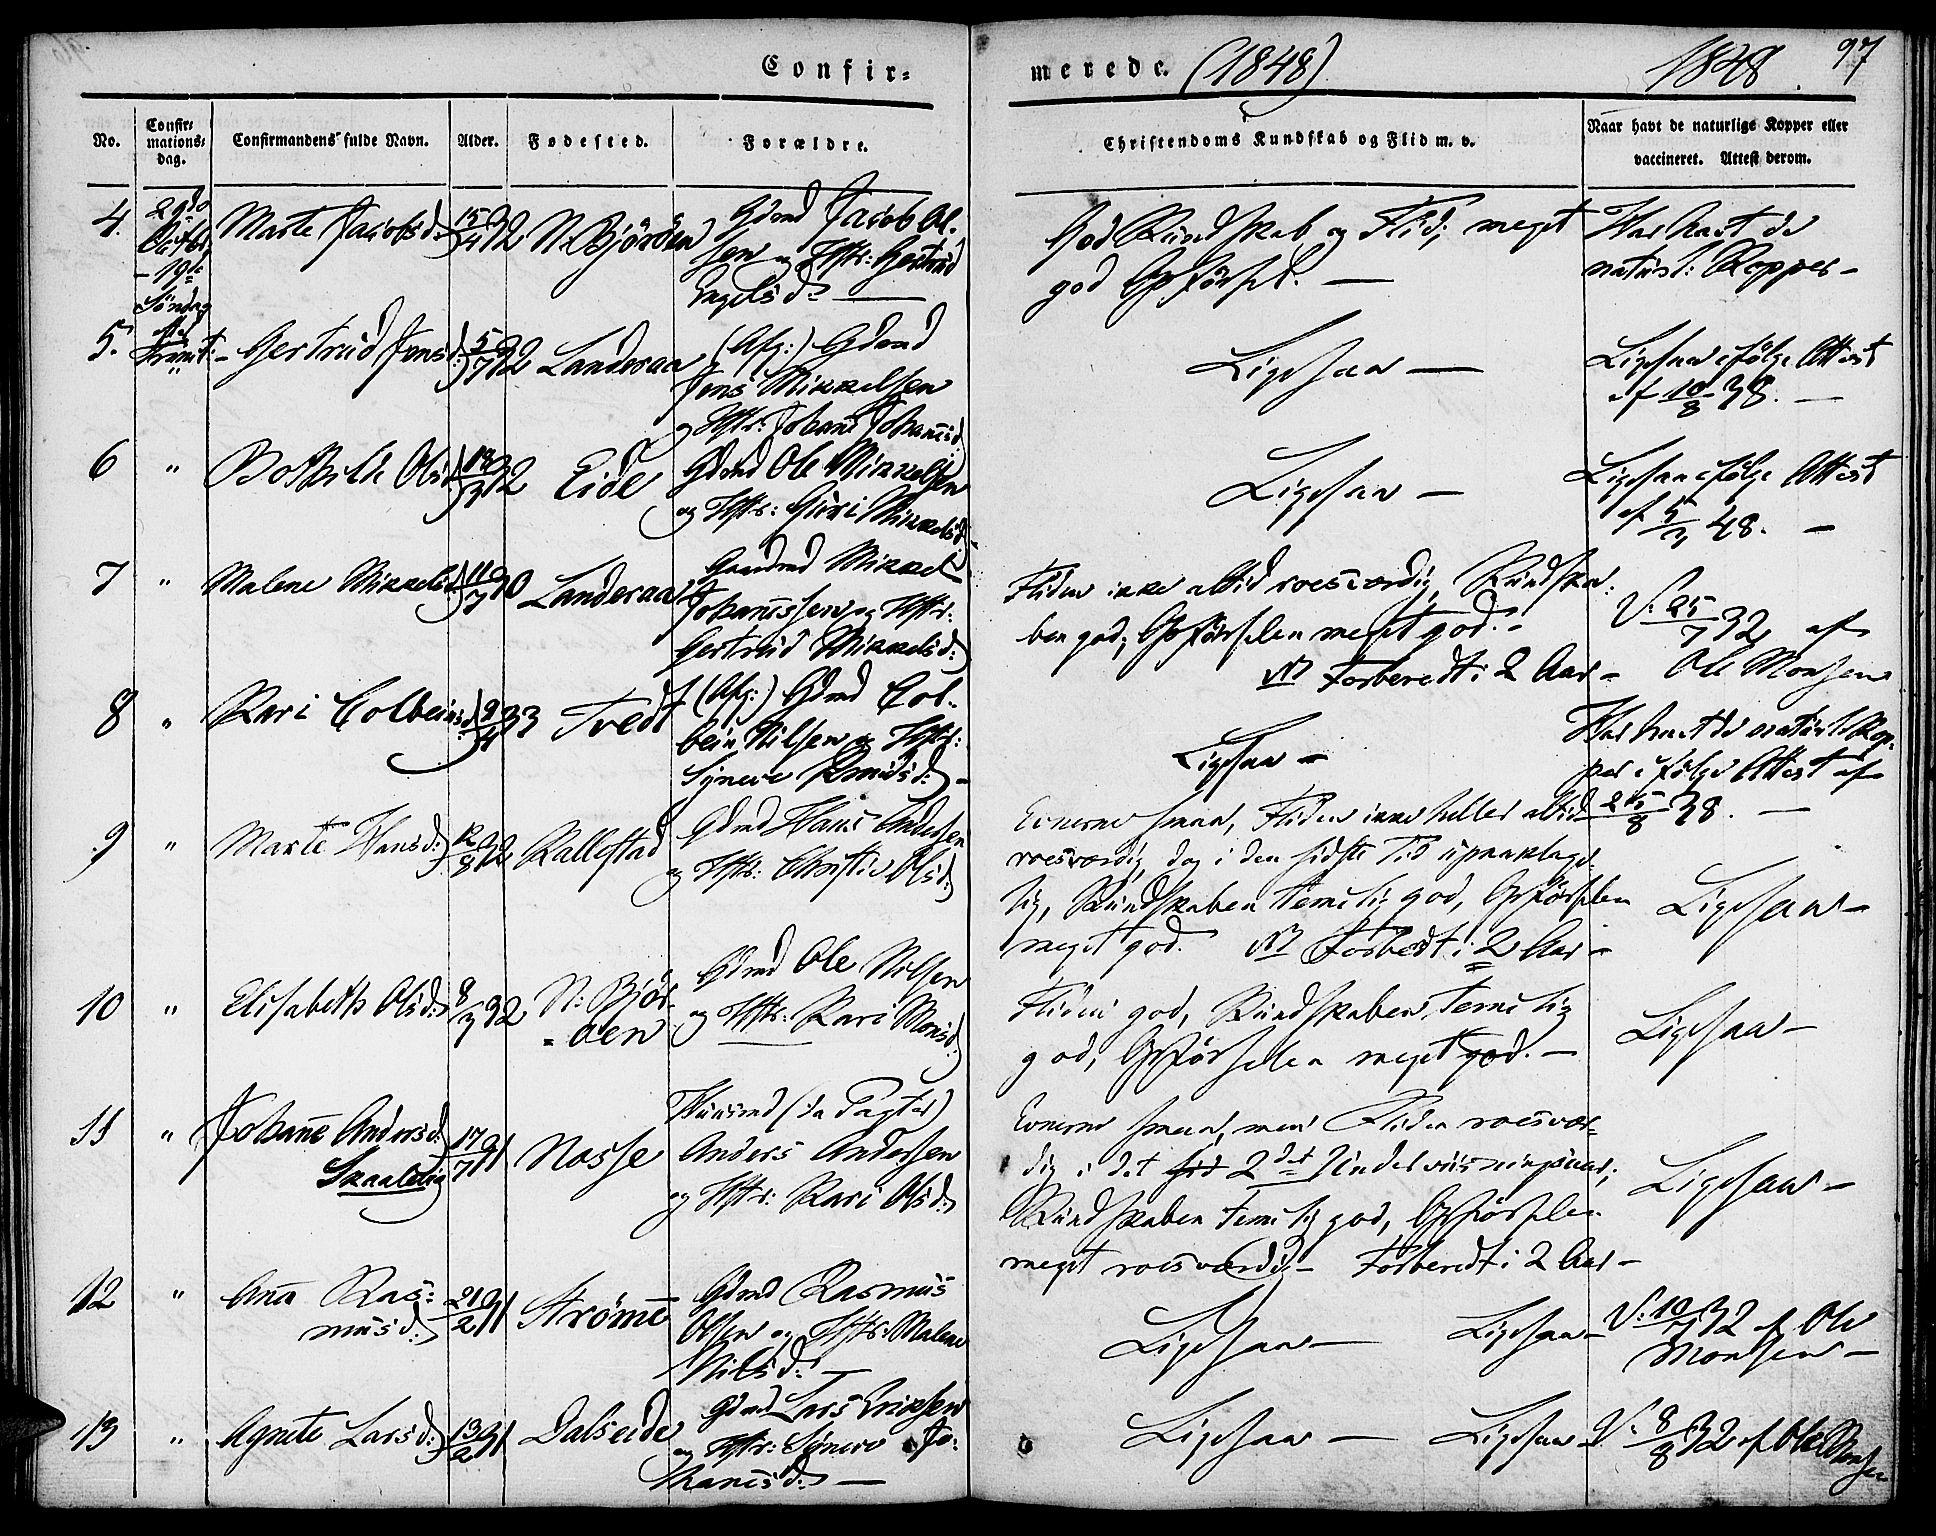 SAB, Fjell Sokneprestembete, H/Haa: Ministerialbok nr. A 1, 1835-1850, s. 97